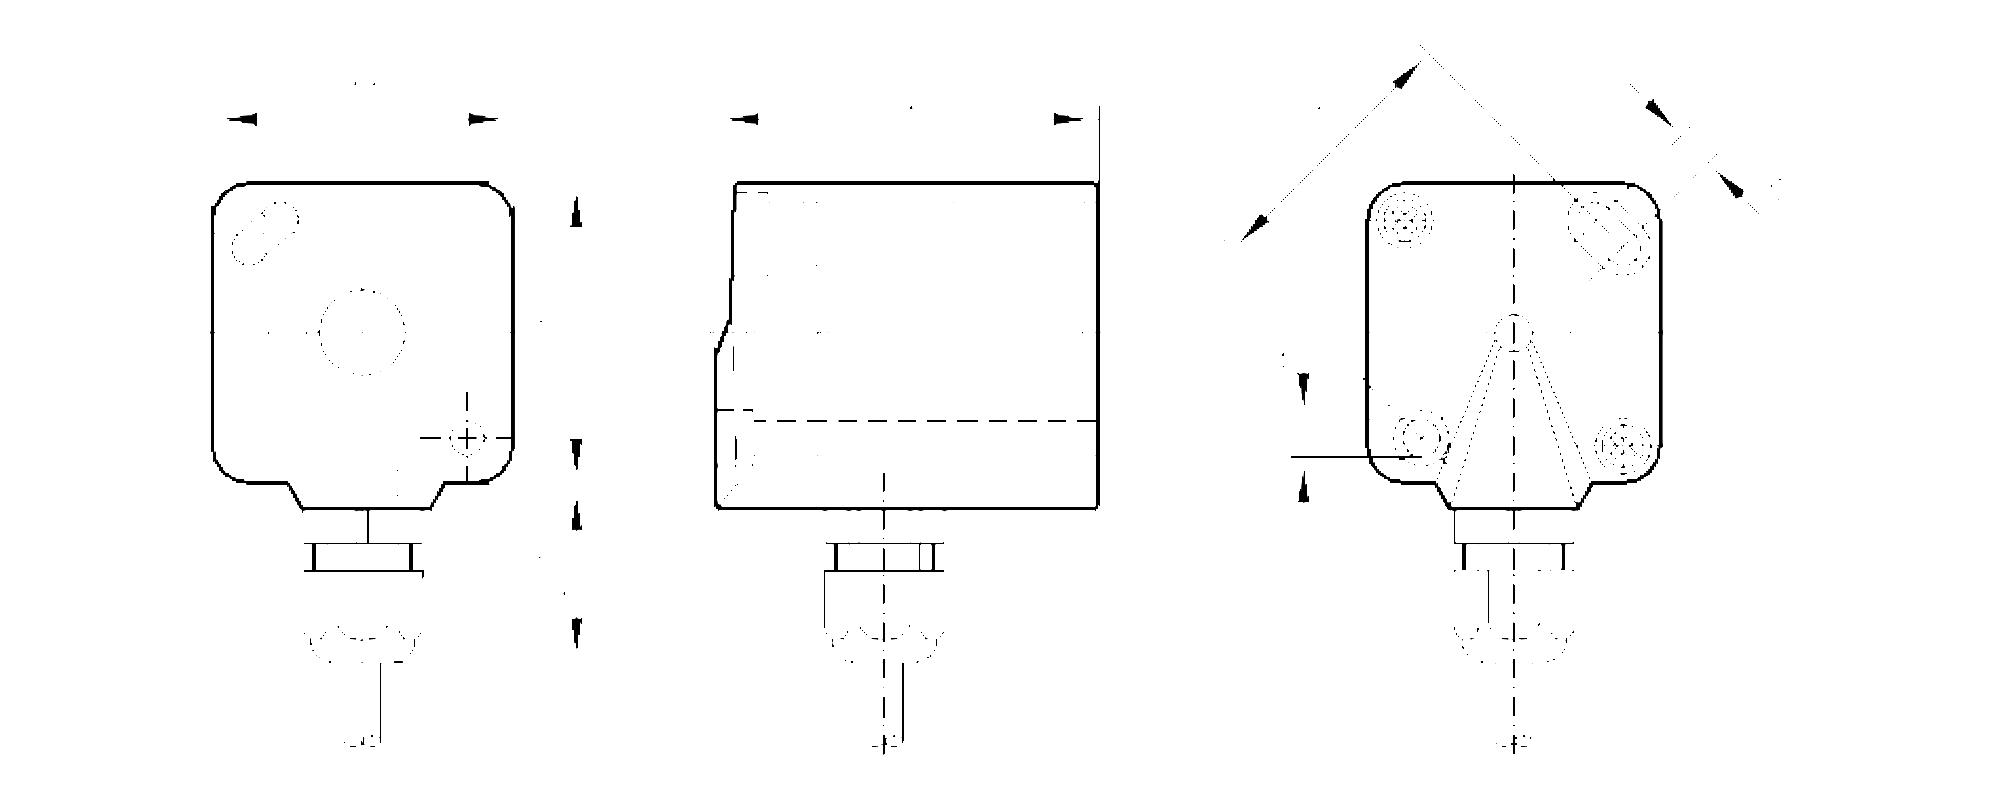 ec2045 - inclination sensor